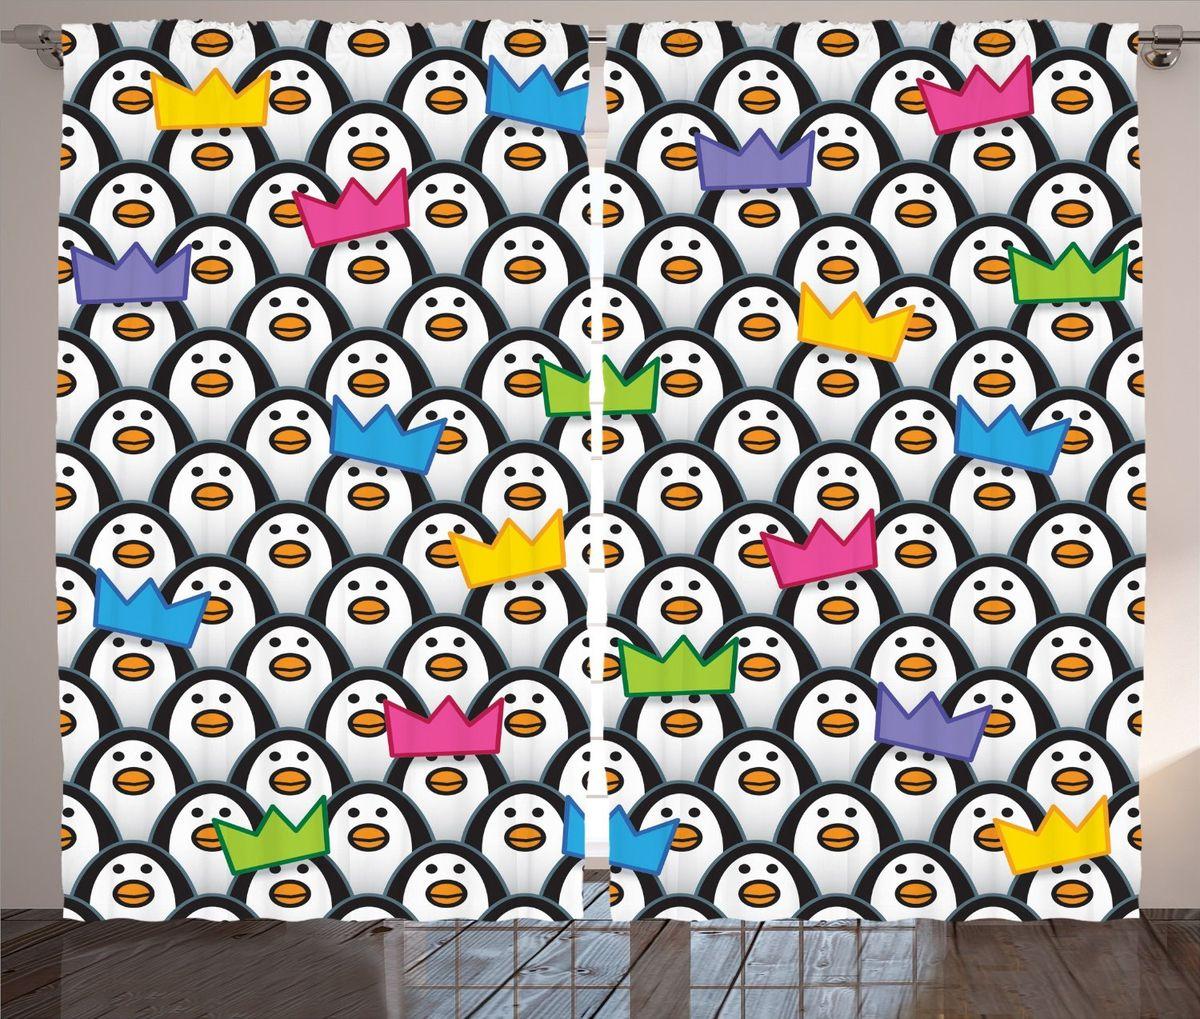 Комплект фотоштор Magic Lady Императорские пингвины, на ленте, высота 265 смшсг_11864Фотошторы Magic Lady Императорские пингвины, изготовленные из высококачественного сатена (полиэстер 100%), отлично дополнят любой интерьер. При изготовлении используются специальные гипоаллергенные чернила для прямой печати по ткани, безопасные для человека и животных. Крепление на карниз при помощи шторной ленты на крючки. В комплекте 2 шторы, 50 крючков. Ширина одного полотна: 145 см. Высота штор: 265 см. Изображение на мониторе может немного отличаться от реального.